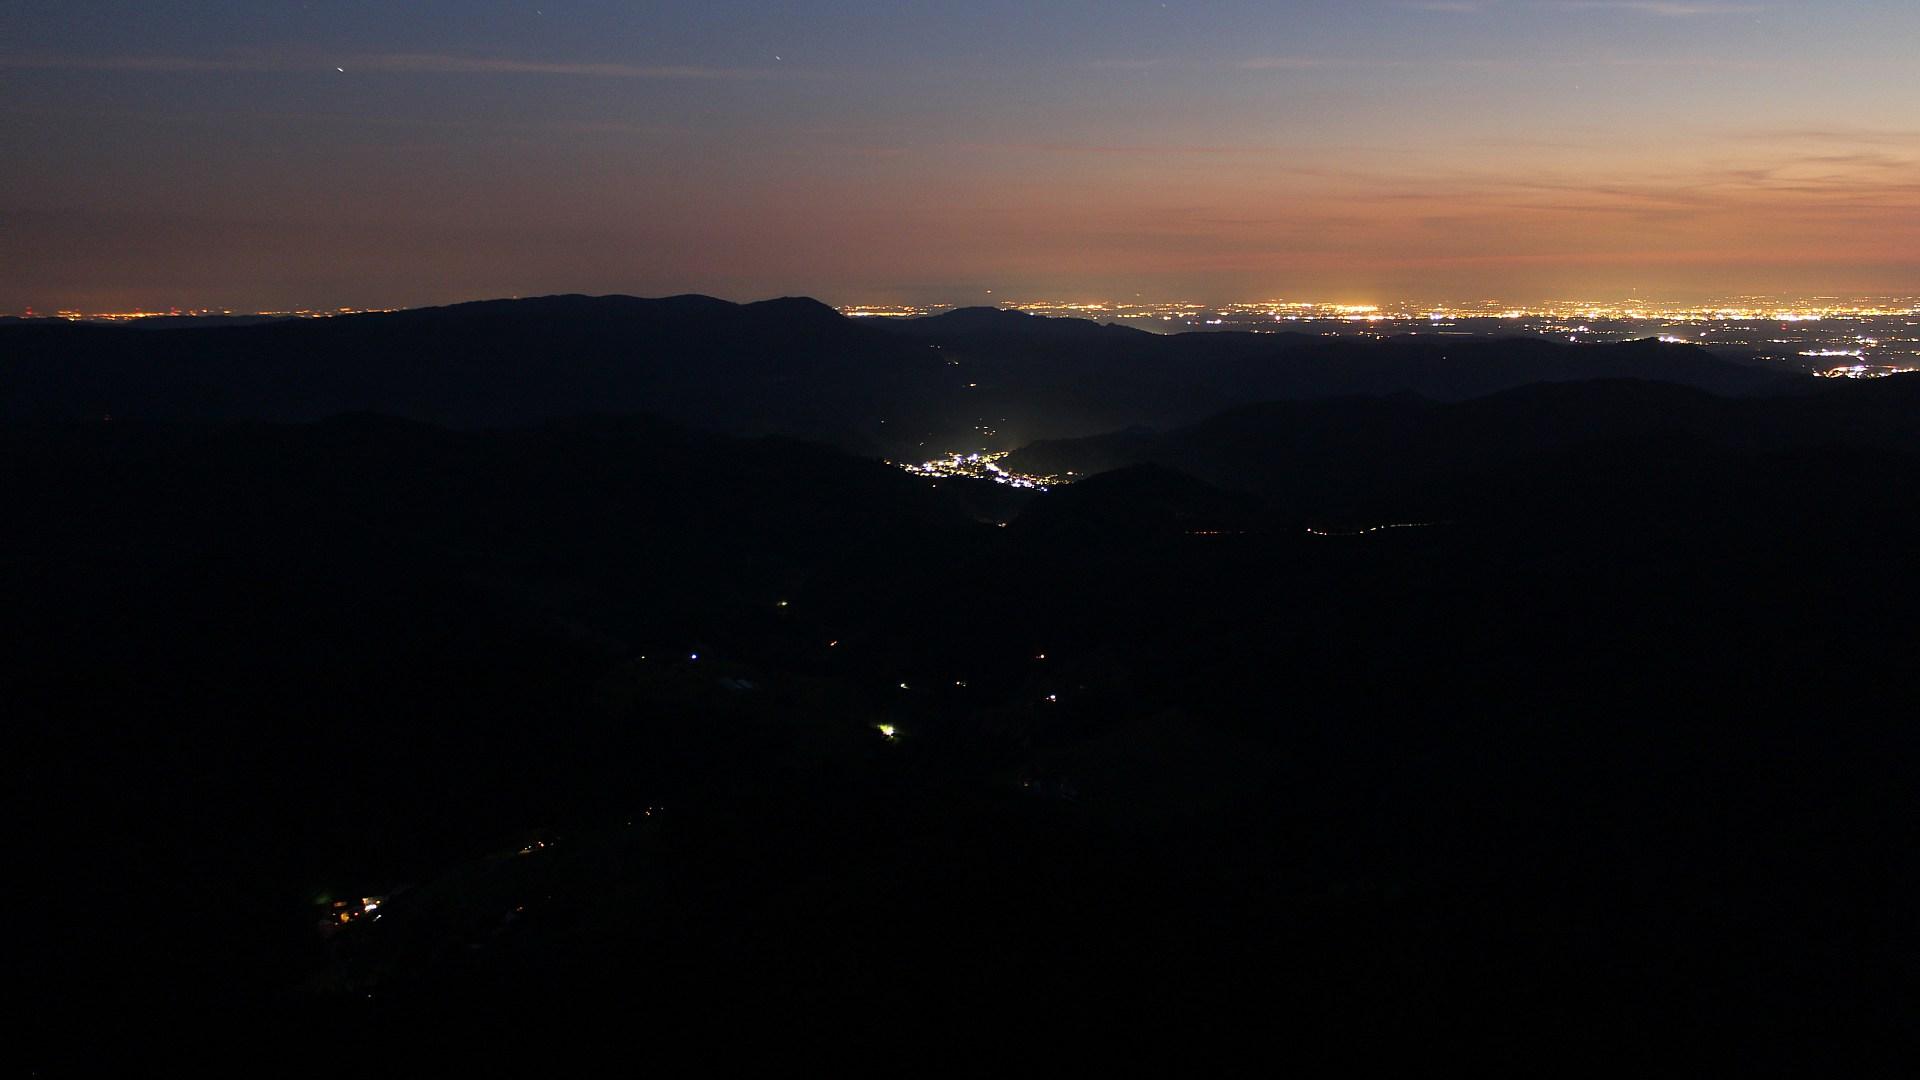 Aufnahme: Buchkopfturm vom 04.08.2020 22:20